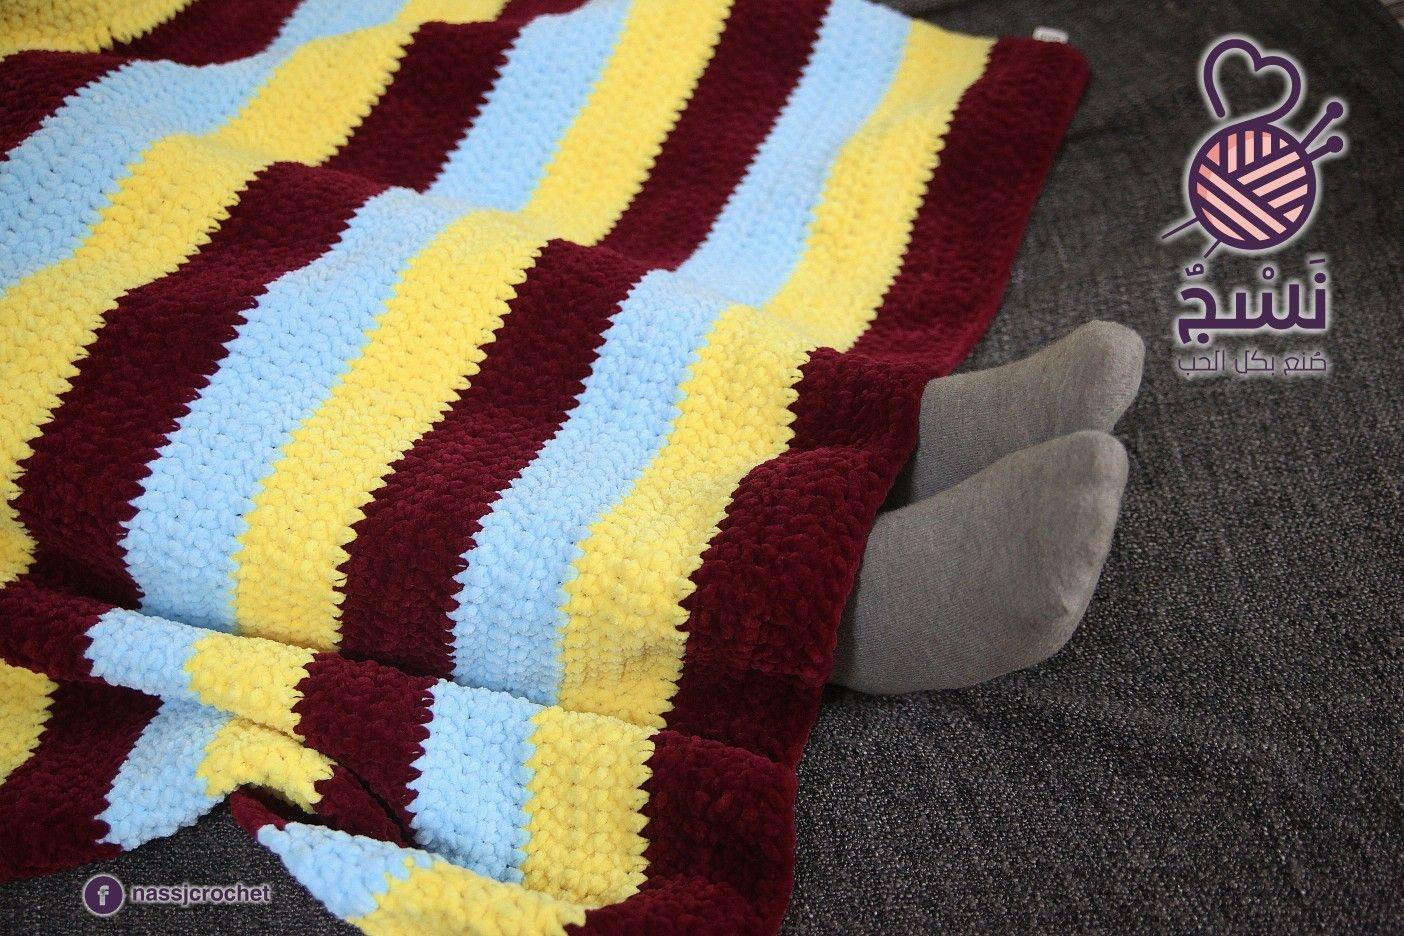 نودع الشتاء بالبطانية القطيفة بطانية من خيوط القطيفة المميزة بتضمنلك دفء بلا حدود نعومة فائقة ألو Throw Blanket Blanket Crochet Blanket